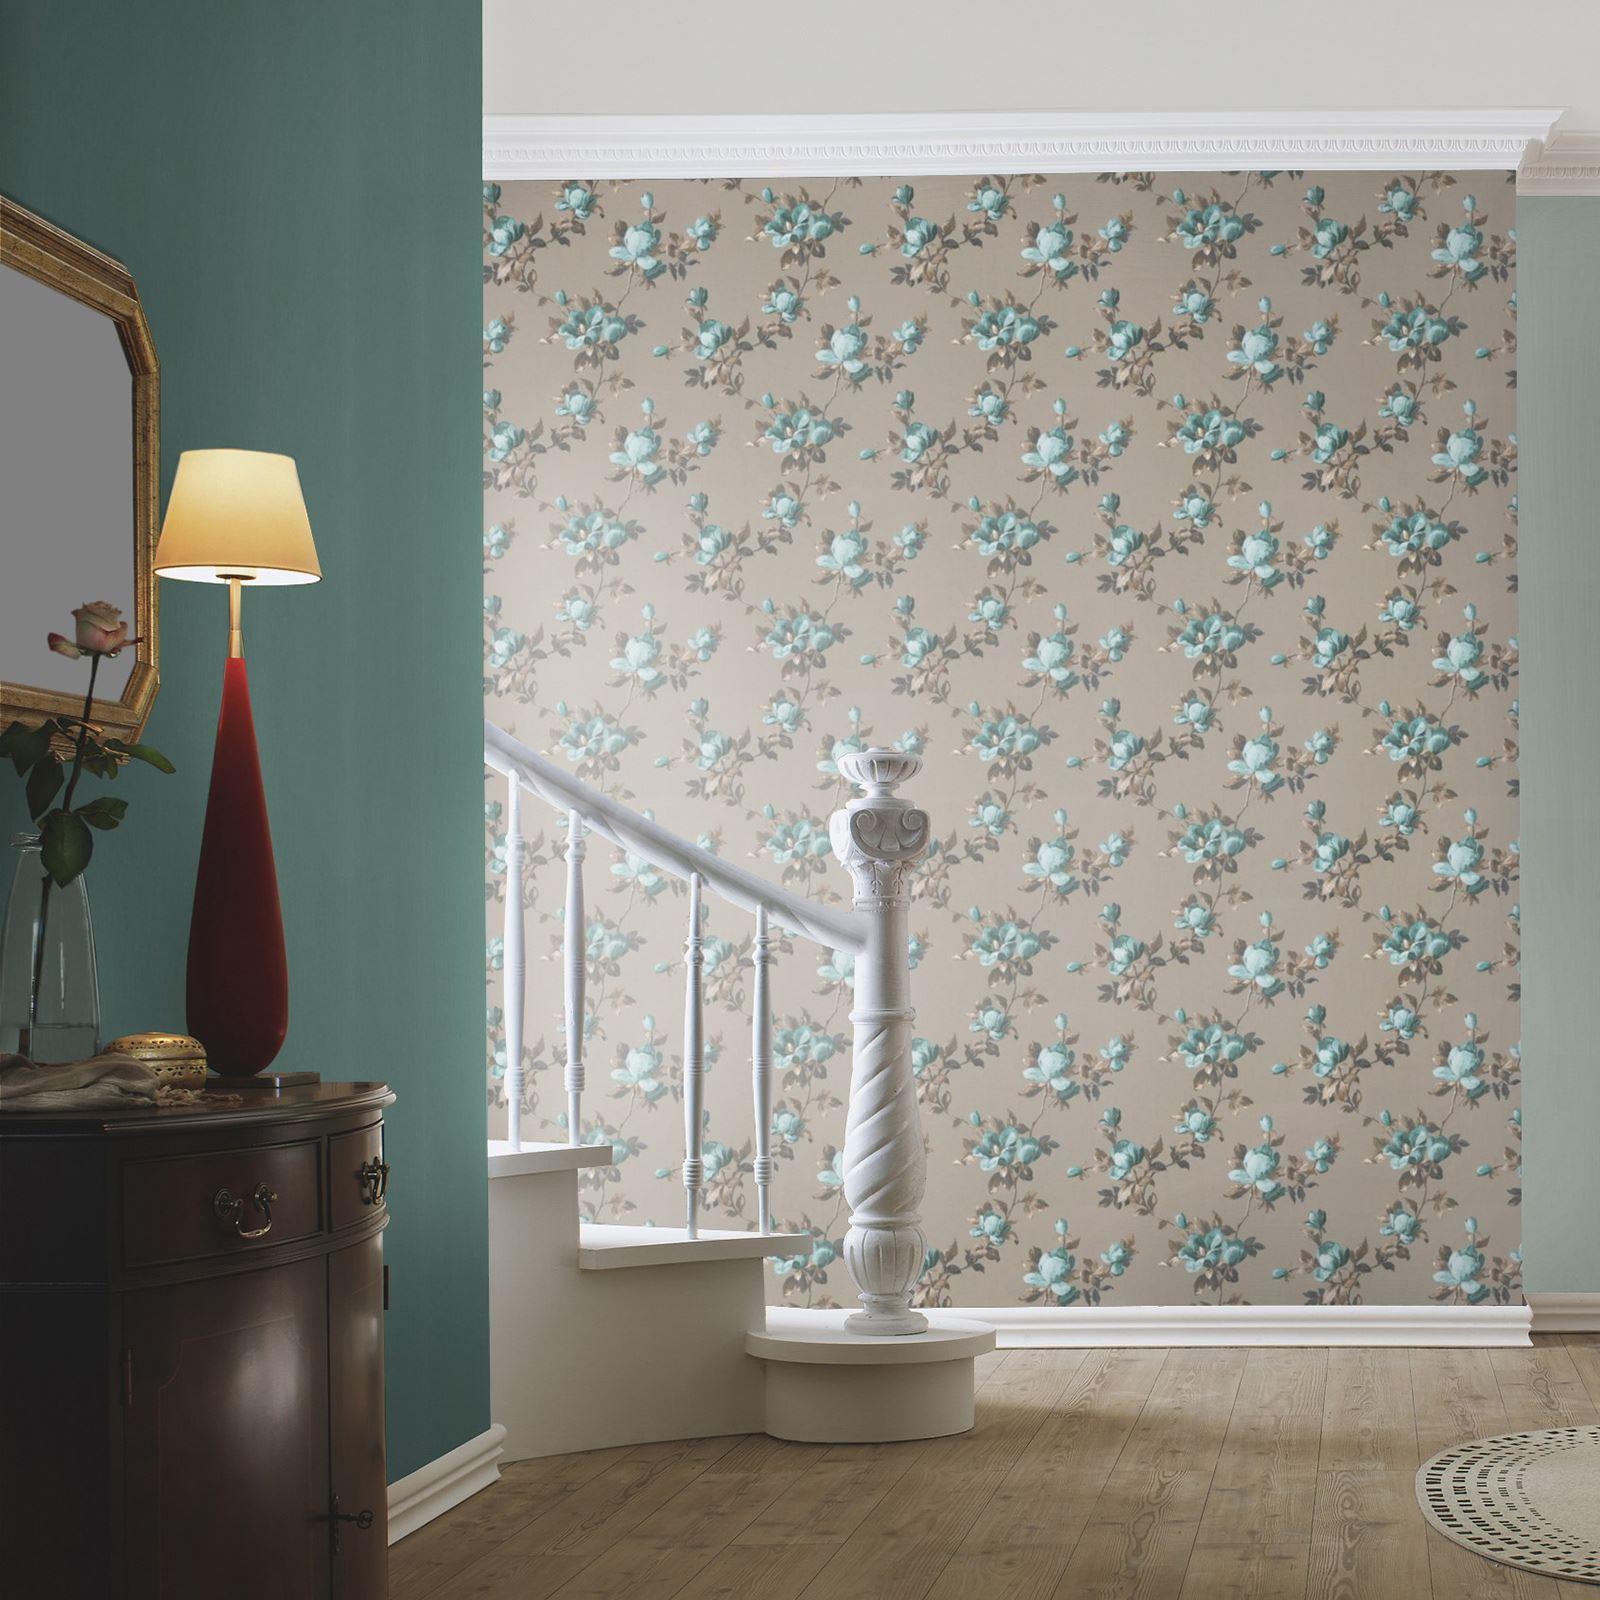 emilia rose blumen tapete gold smaragdgr n rasch. Black Bedroom Furniture Sets. Home Design Ideas